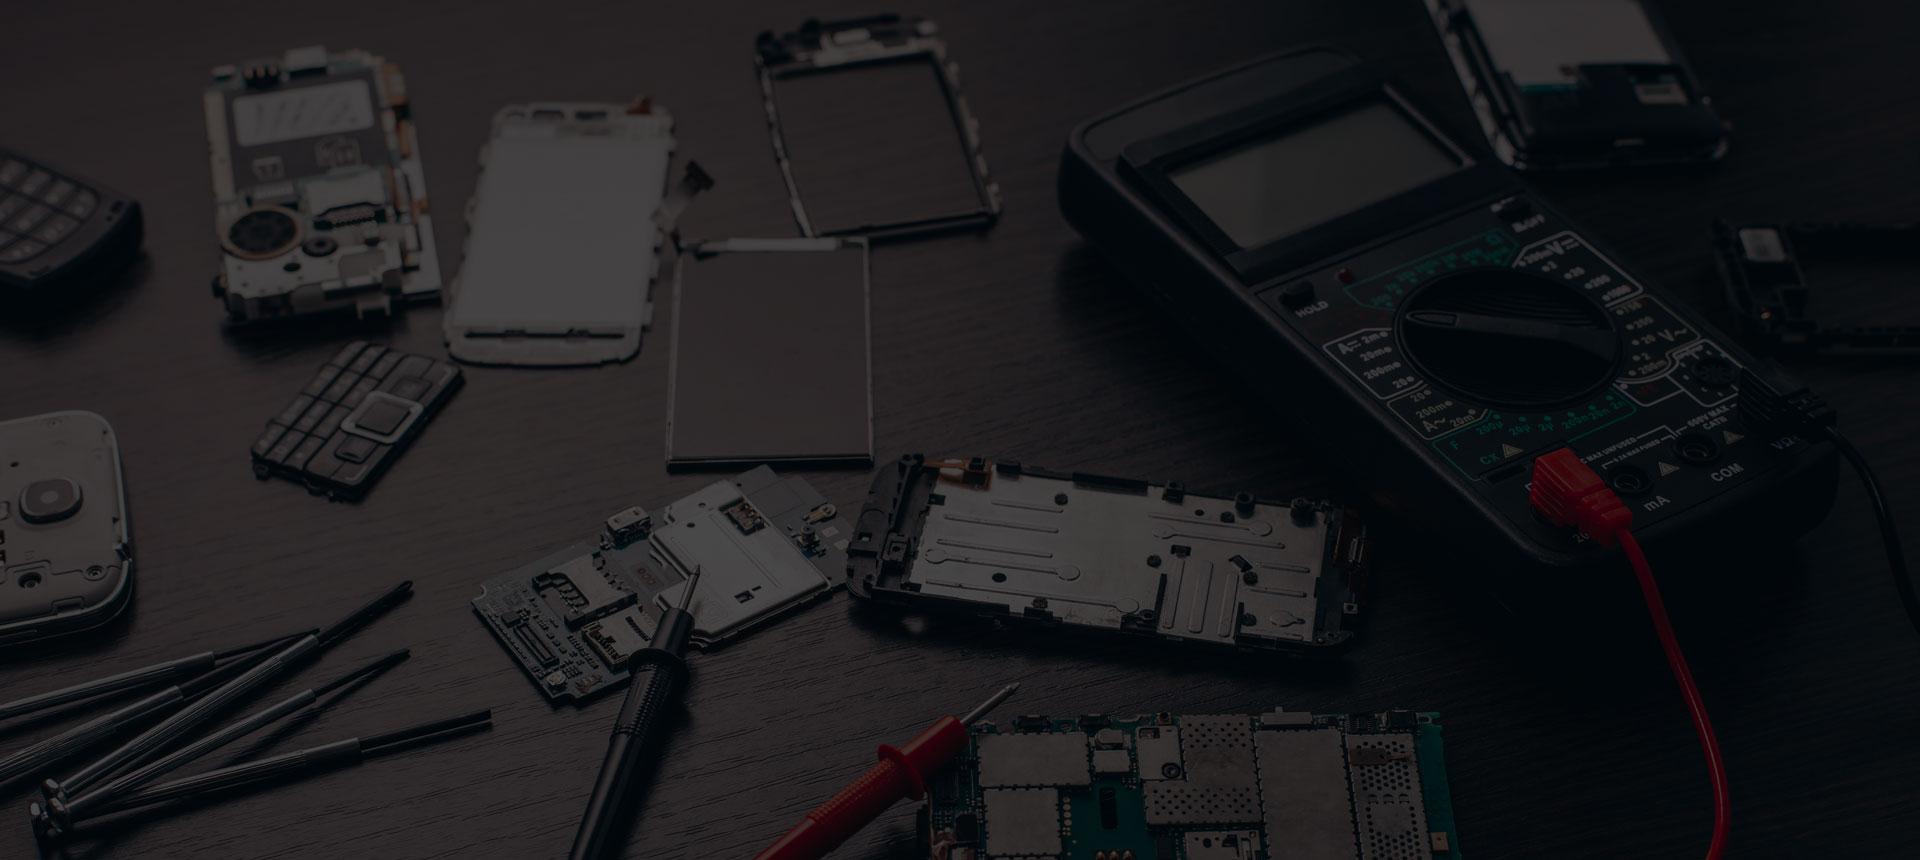 Outils de réparation pour mobiles et tablettes